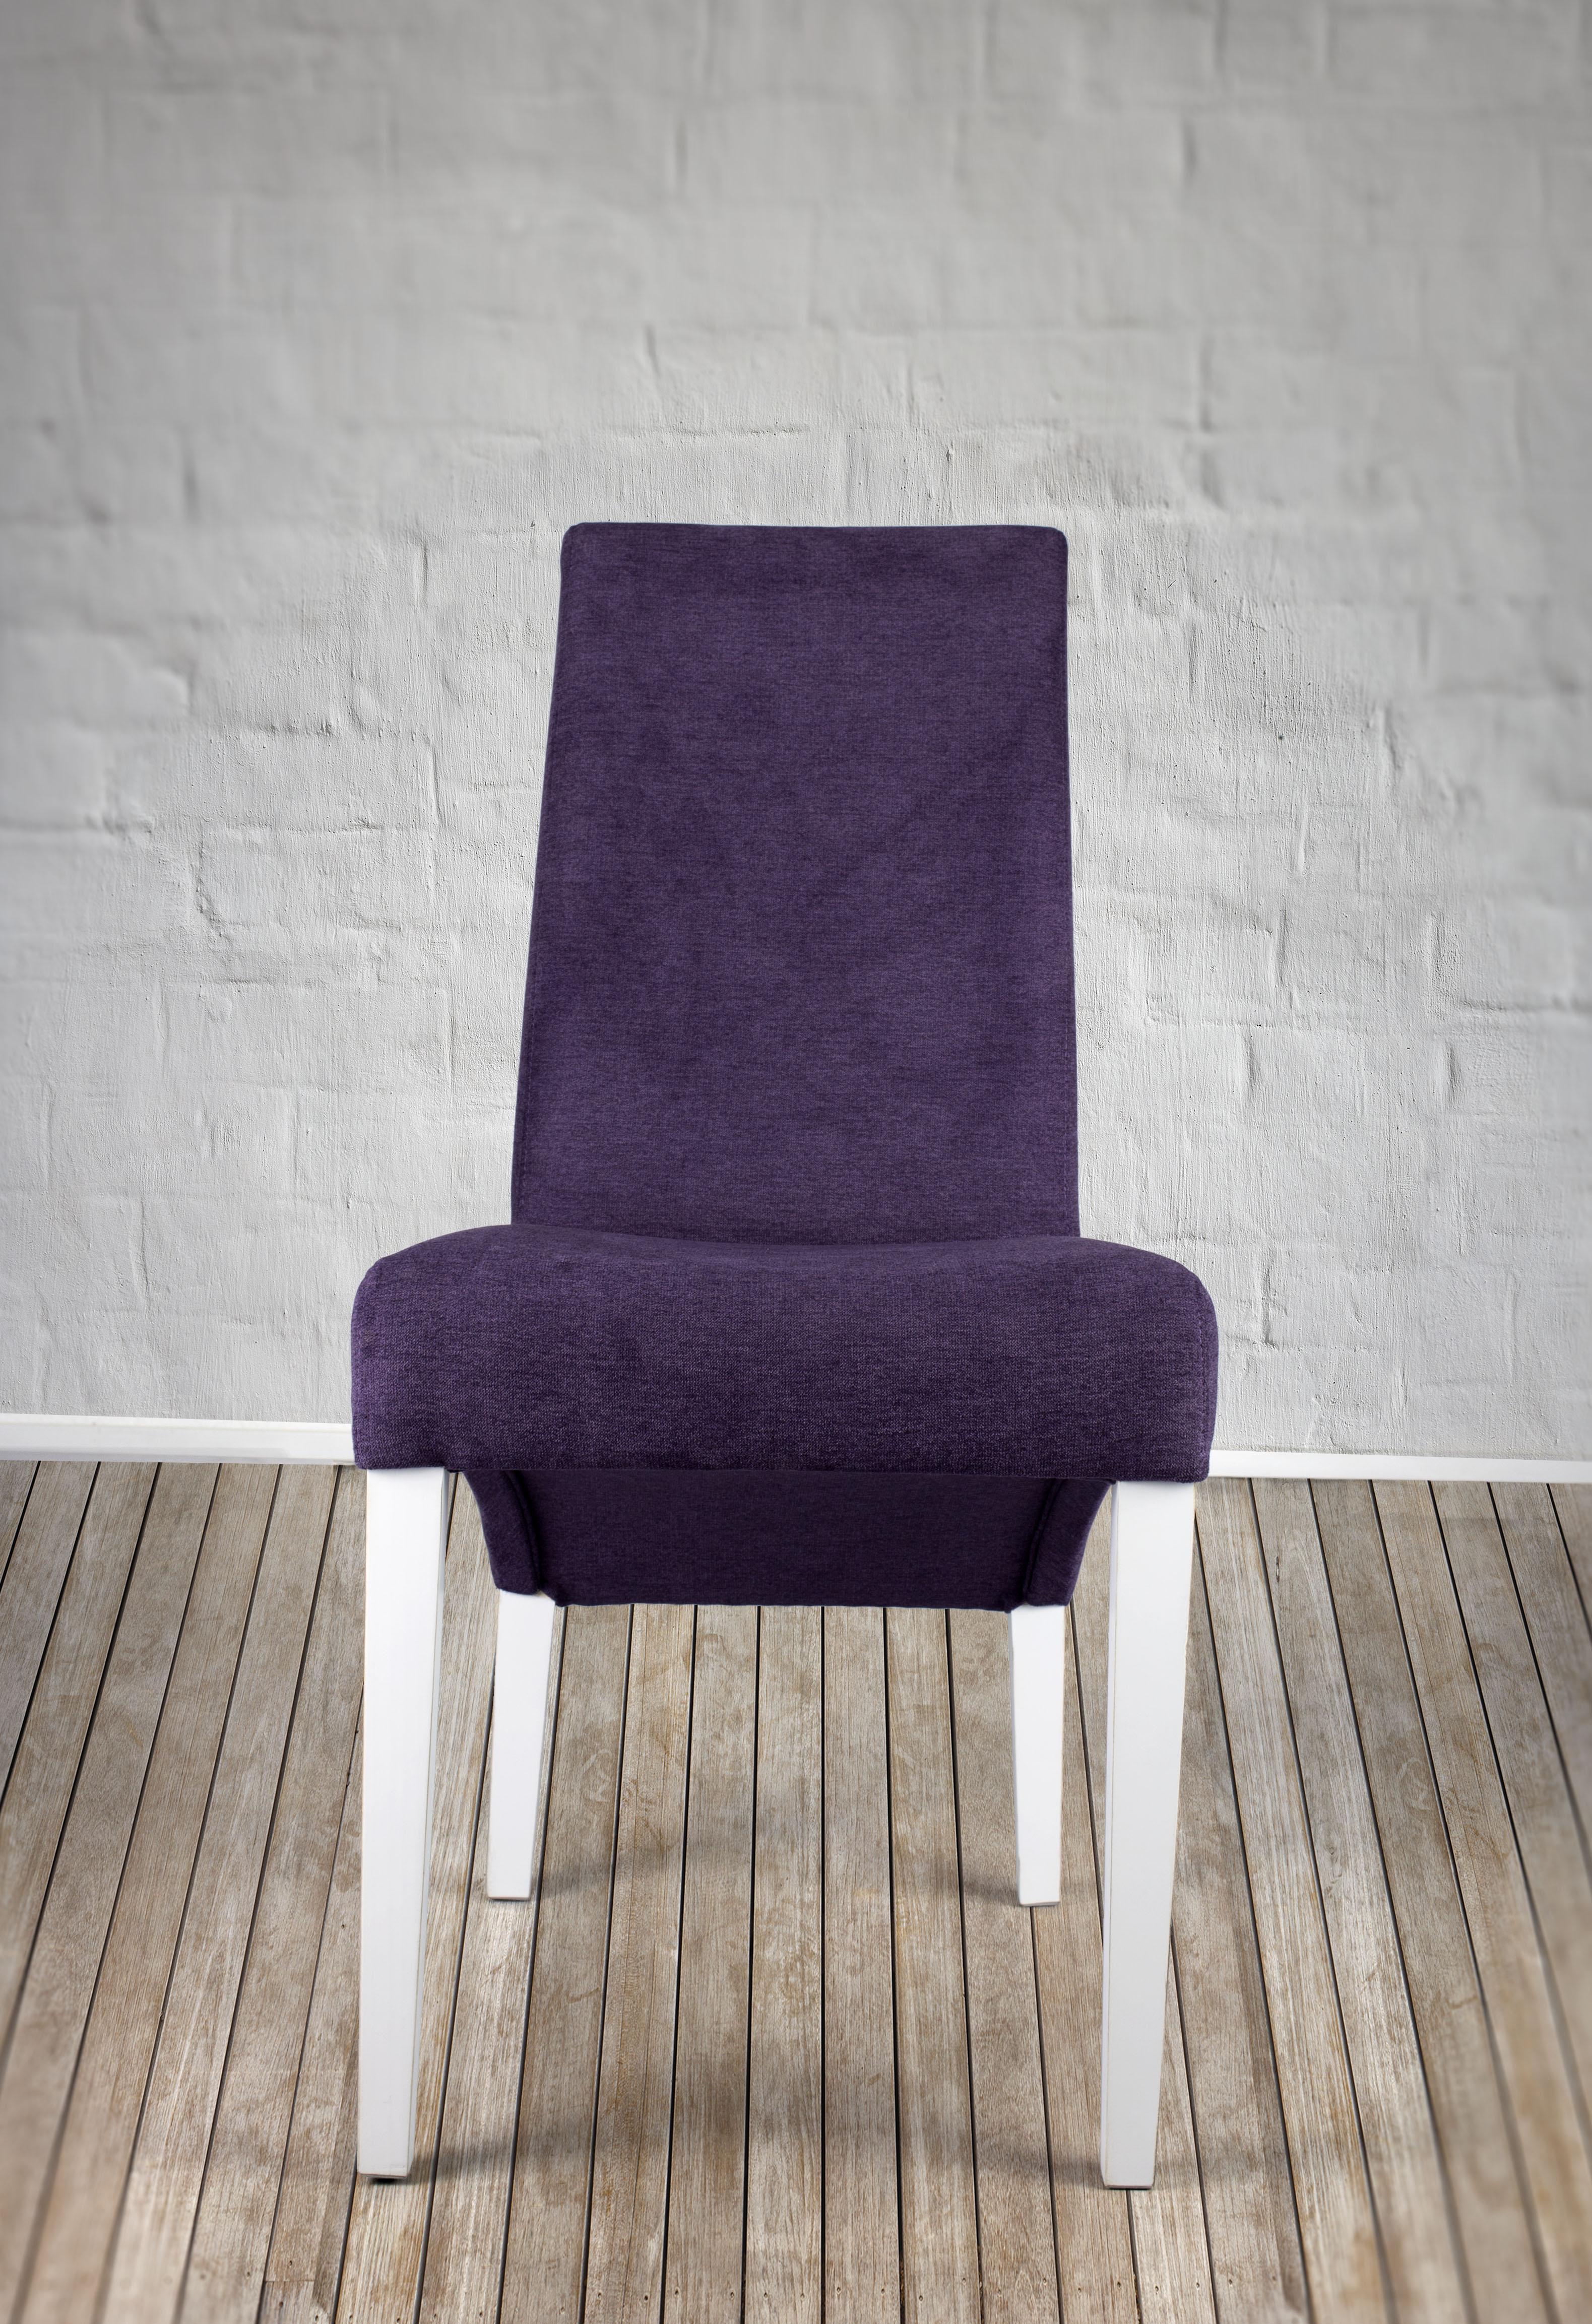 chaise loann en h tre massif assise et dos capitonn s de couleur violet meuble en ch ne massif. Black Bedroom Furniture Sets. Home Design Ideas